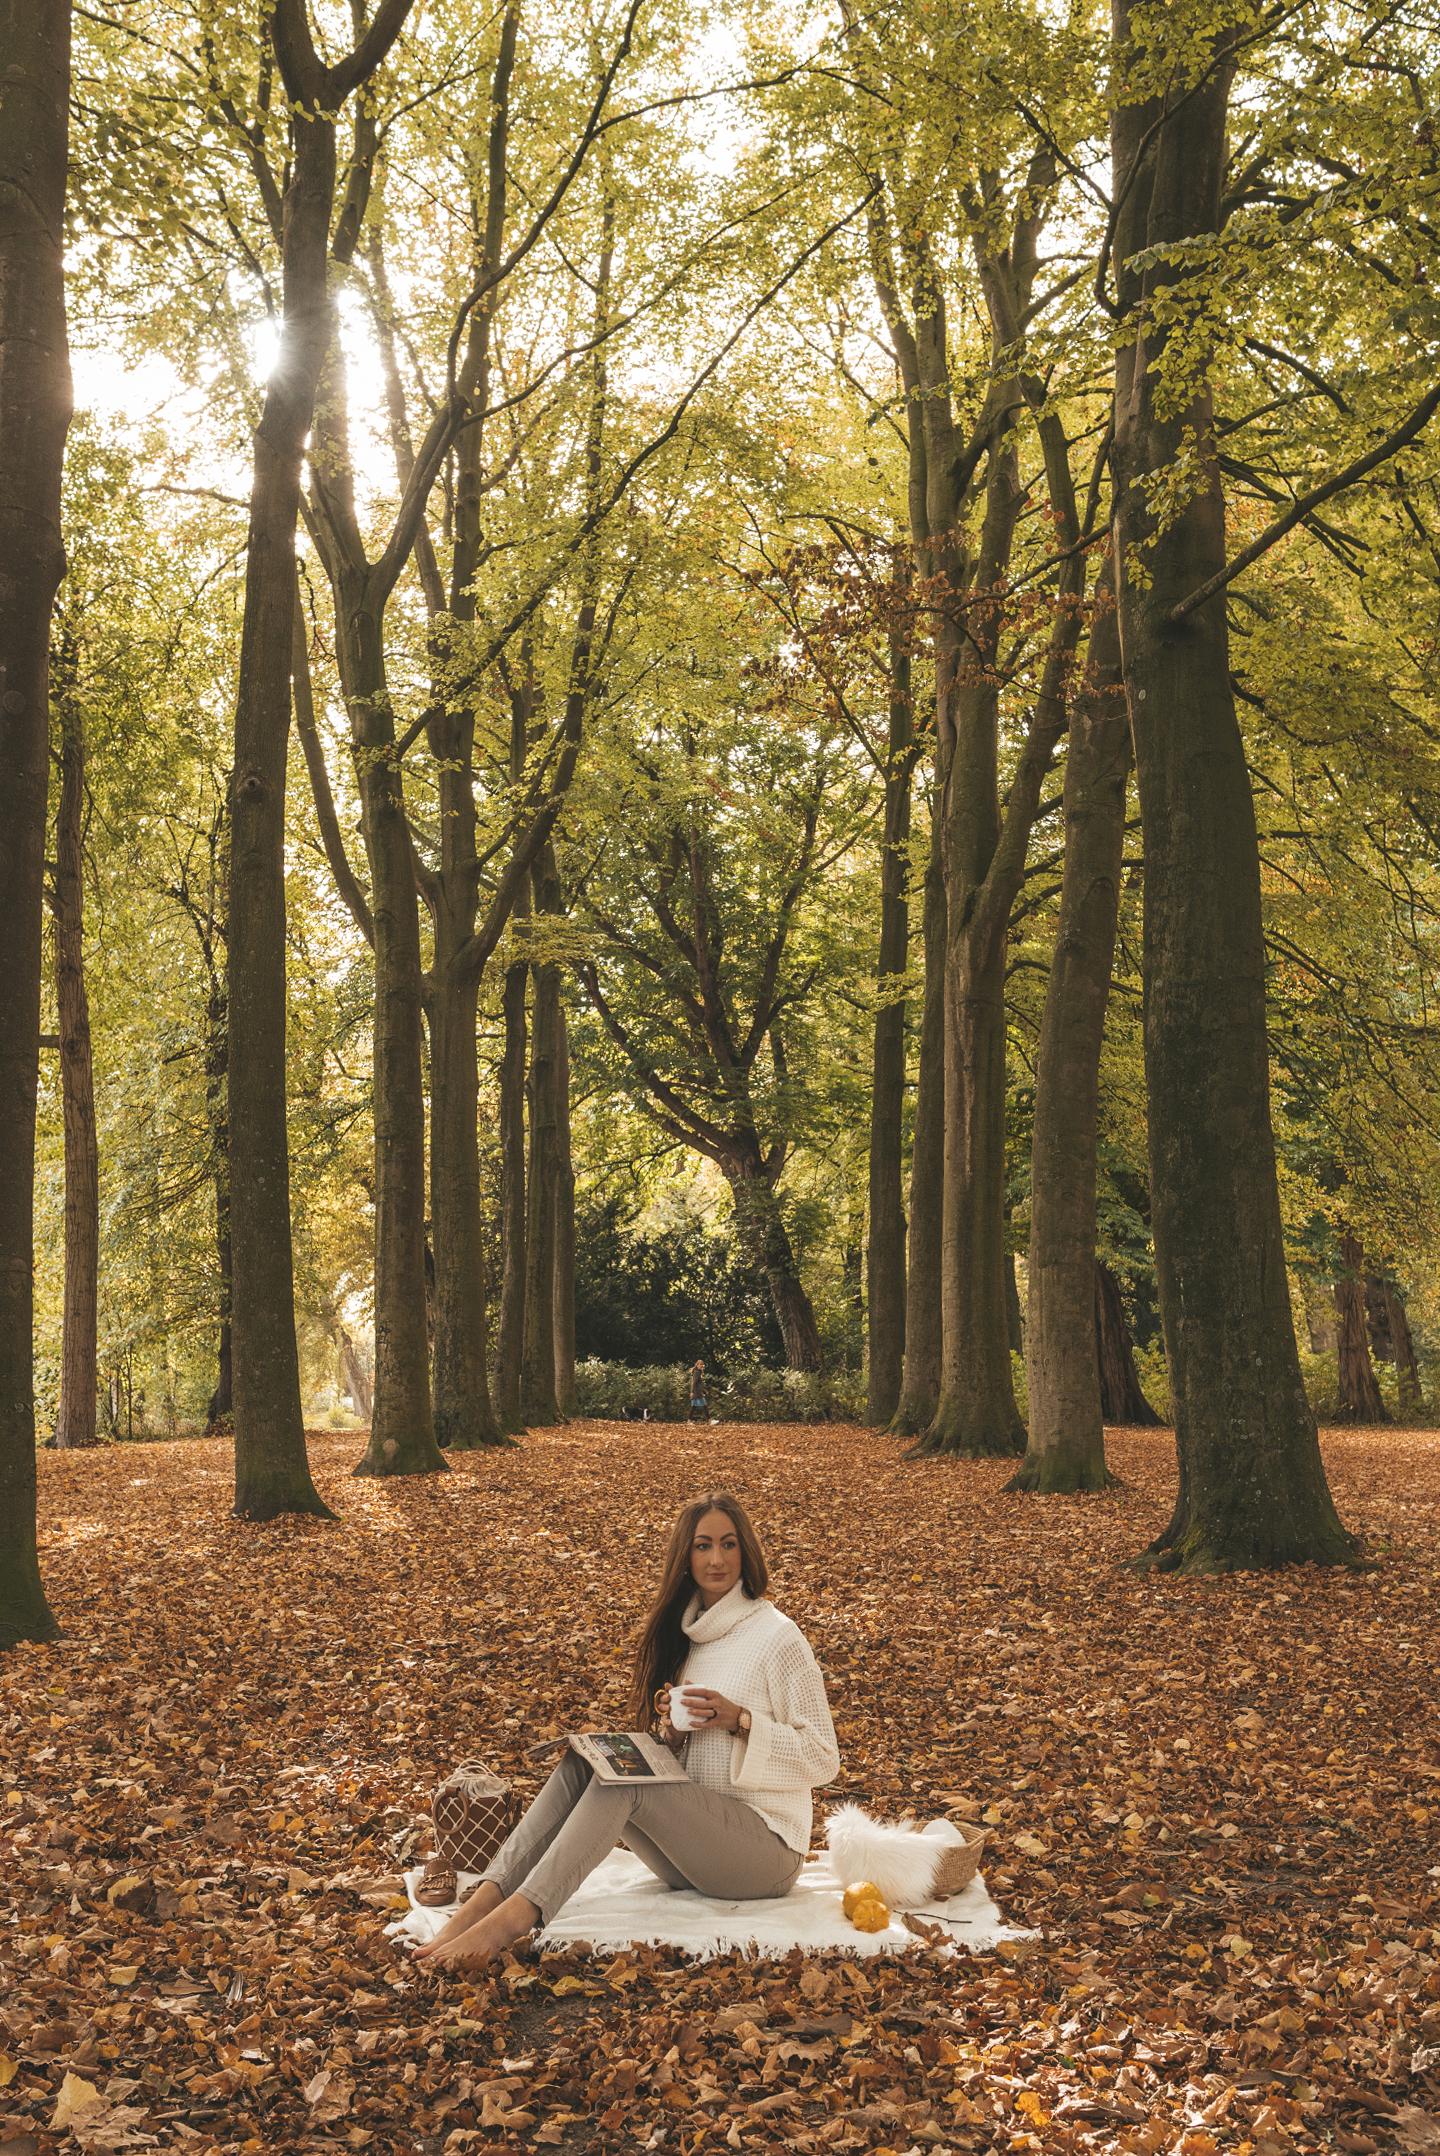 Dubbelsteynpark Dordrecht herfst